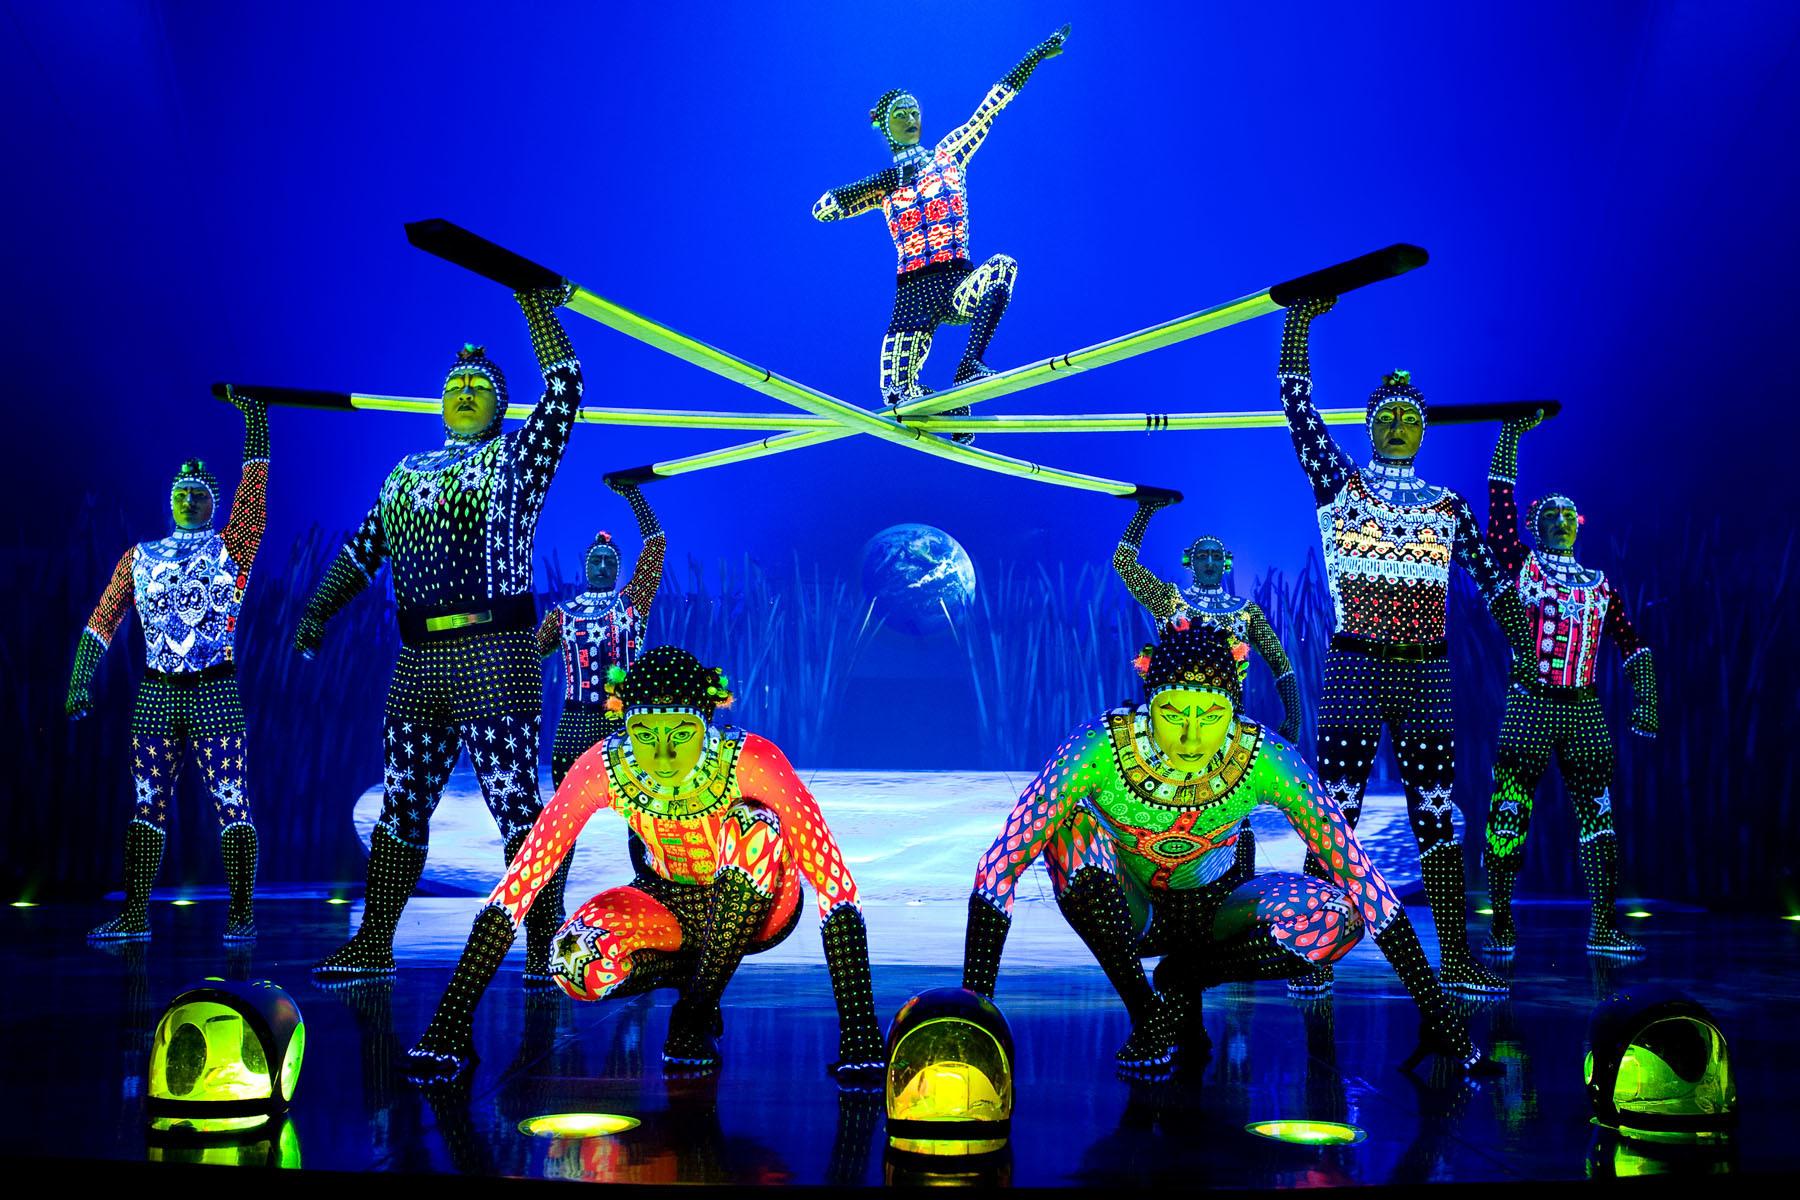 ロシアン・バー 1 RUSSIAN BARS Photo: OSA Images Costumes: Kym Barrett © 2010 Cirque du Soleil